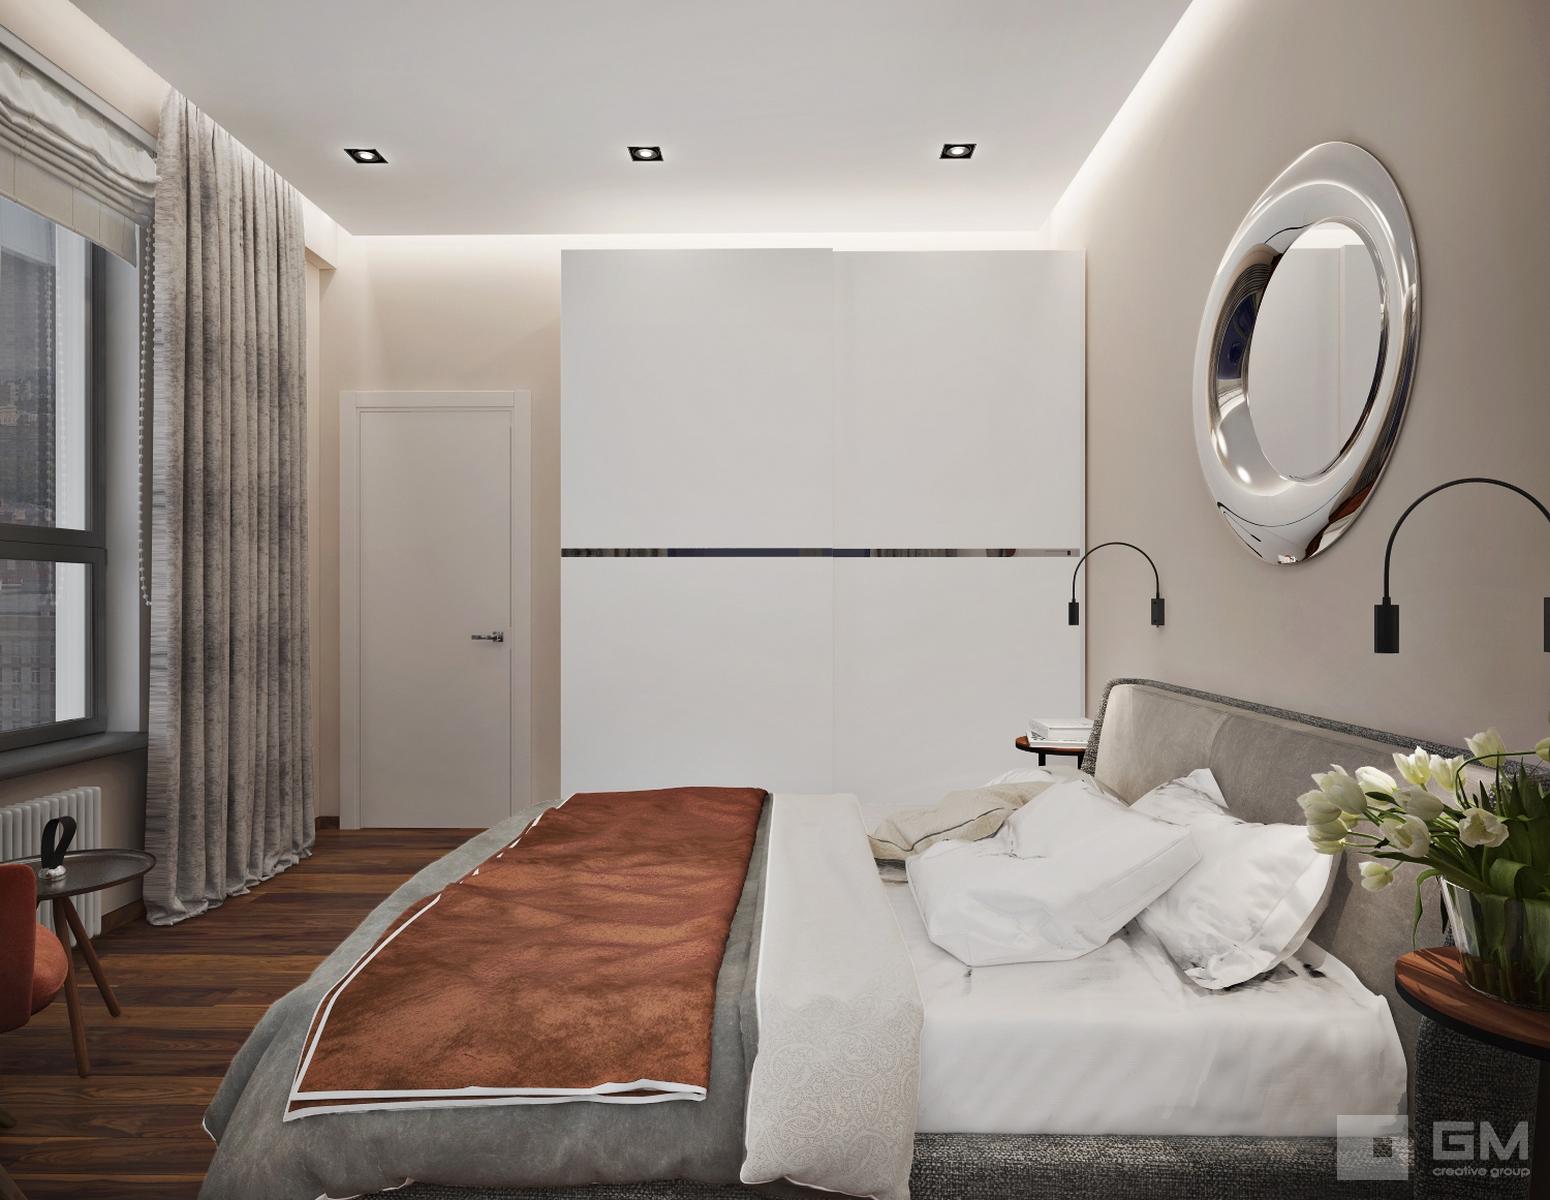 Дизайн-проект трехкомнатной квартиры в ЖК Фили Град для сдачу в аренду